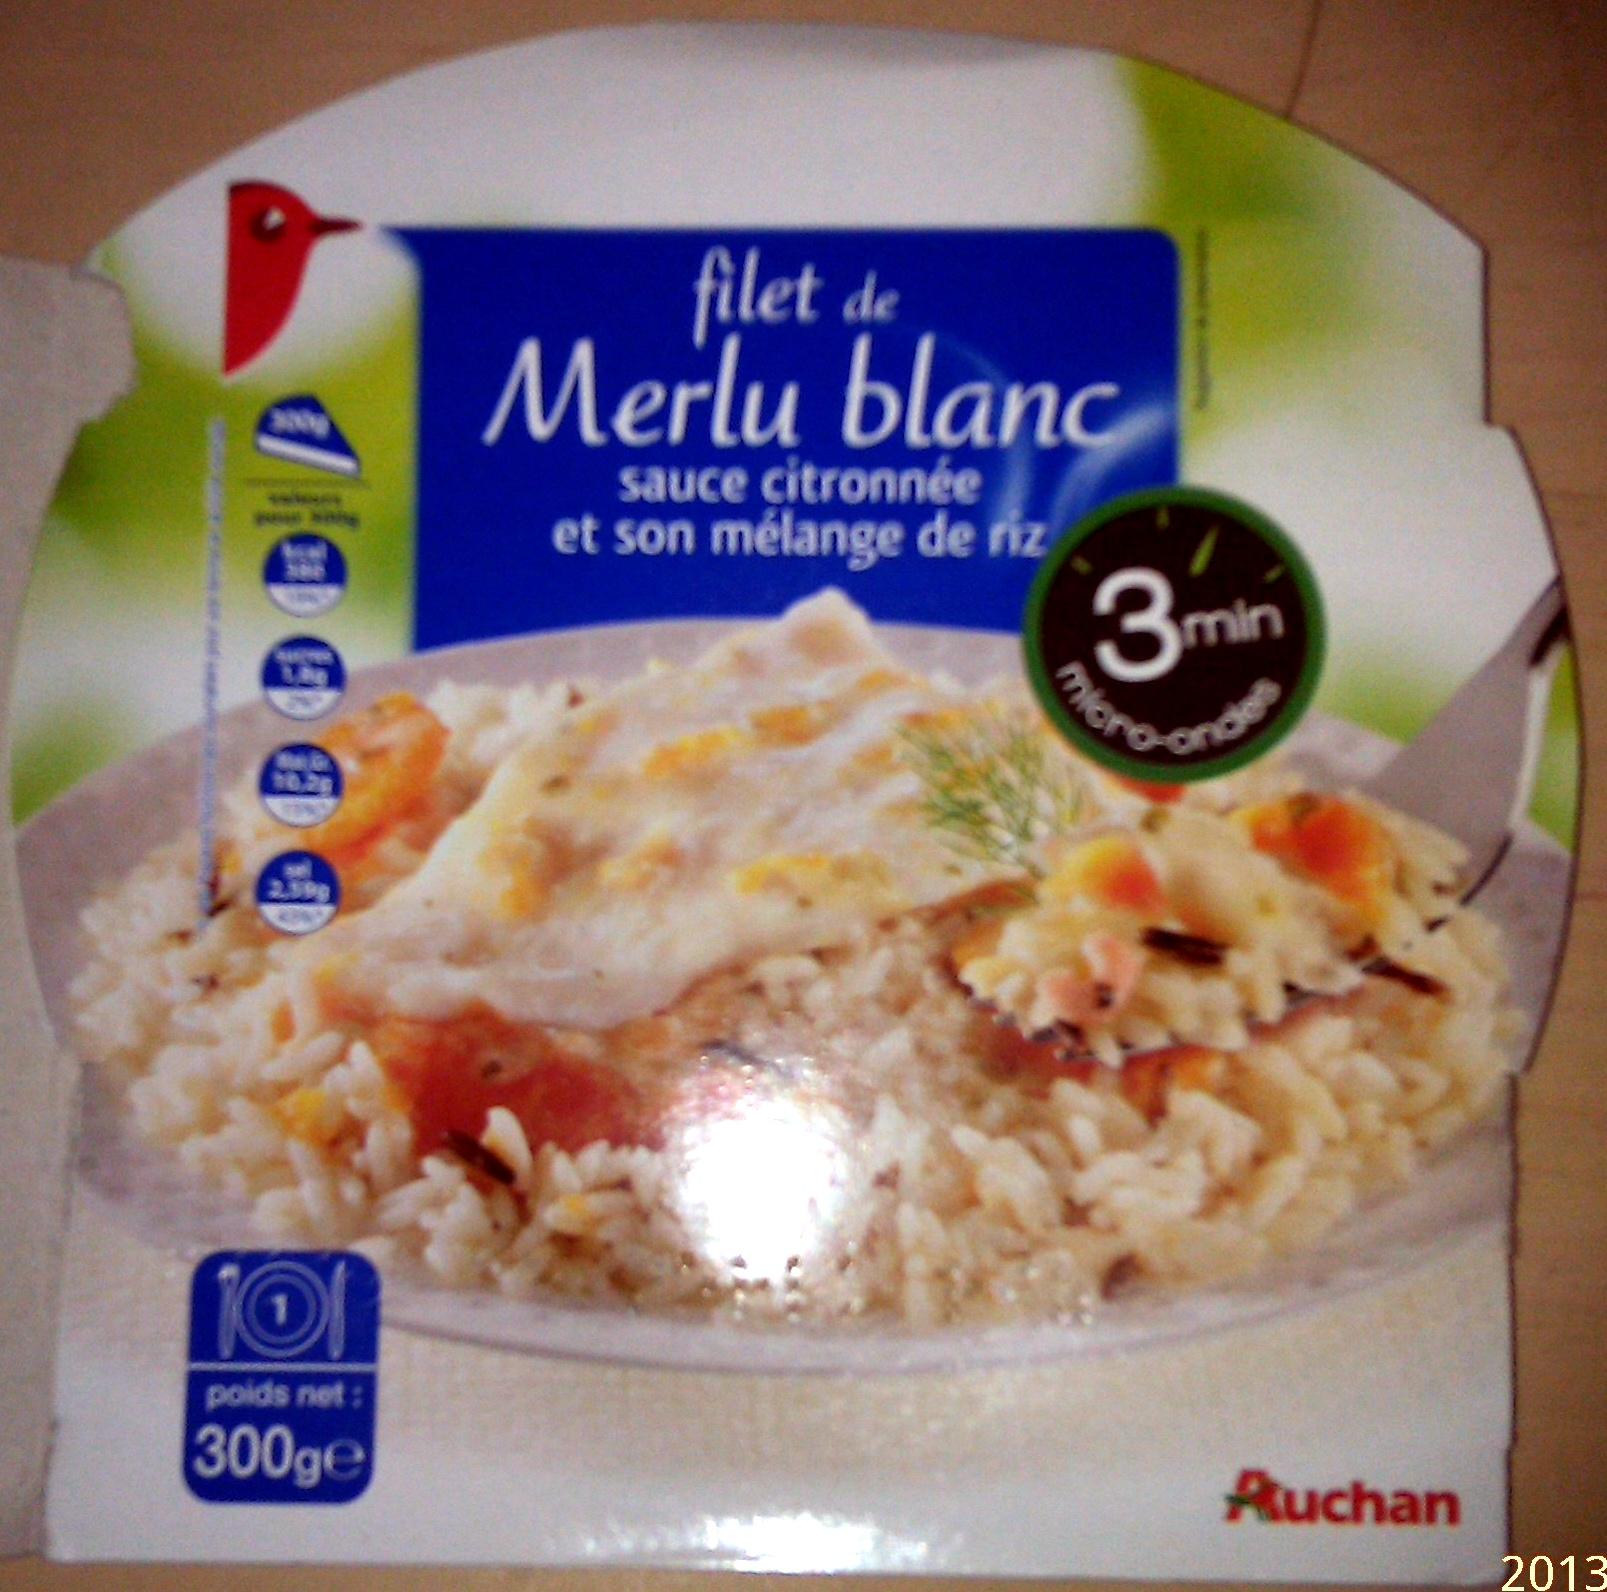 Filet de Merlu Blanc, sauce citronnée et son mélange de riz - Product - fr